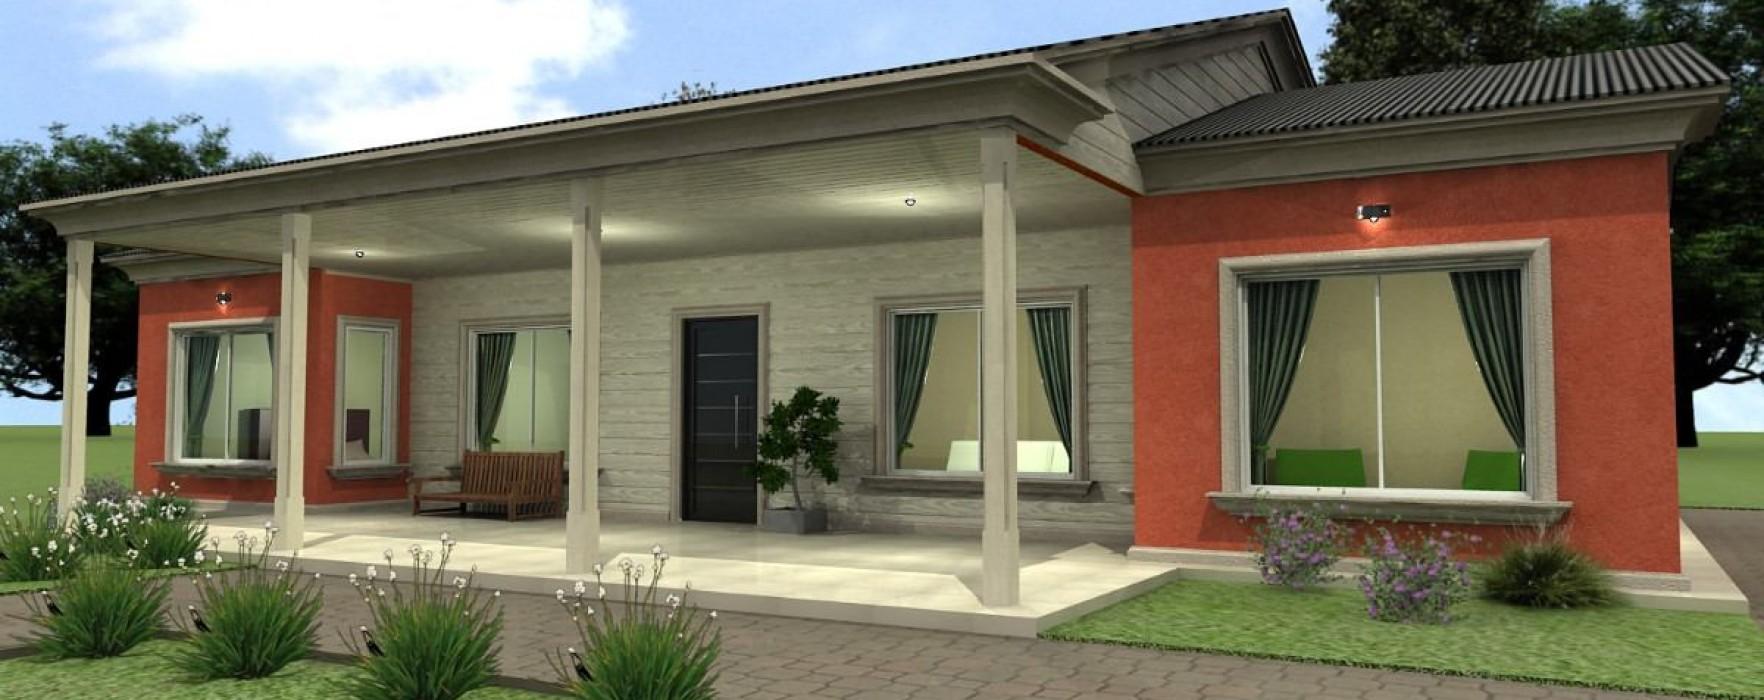 Il comfort abitativo delle case prefabbricate in legno for Durata case in legno